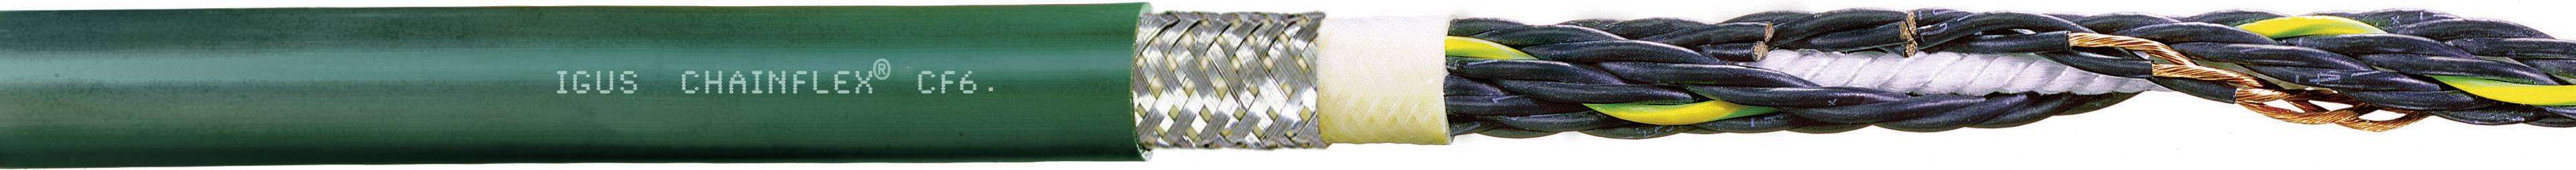 Řídicí kabelové vedení igus Chainflex® CF CF6.10.05, 5x 1 mm², Ø 9,5 mm, stíněný, 1 m